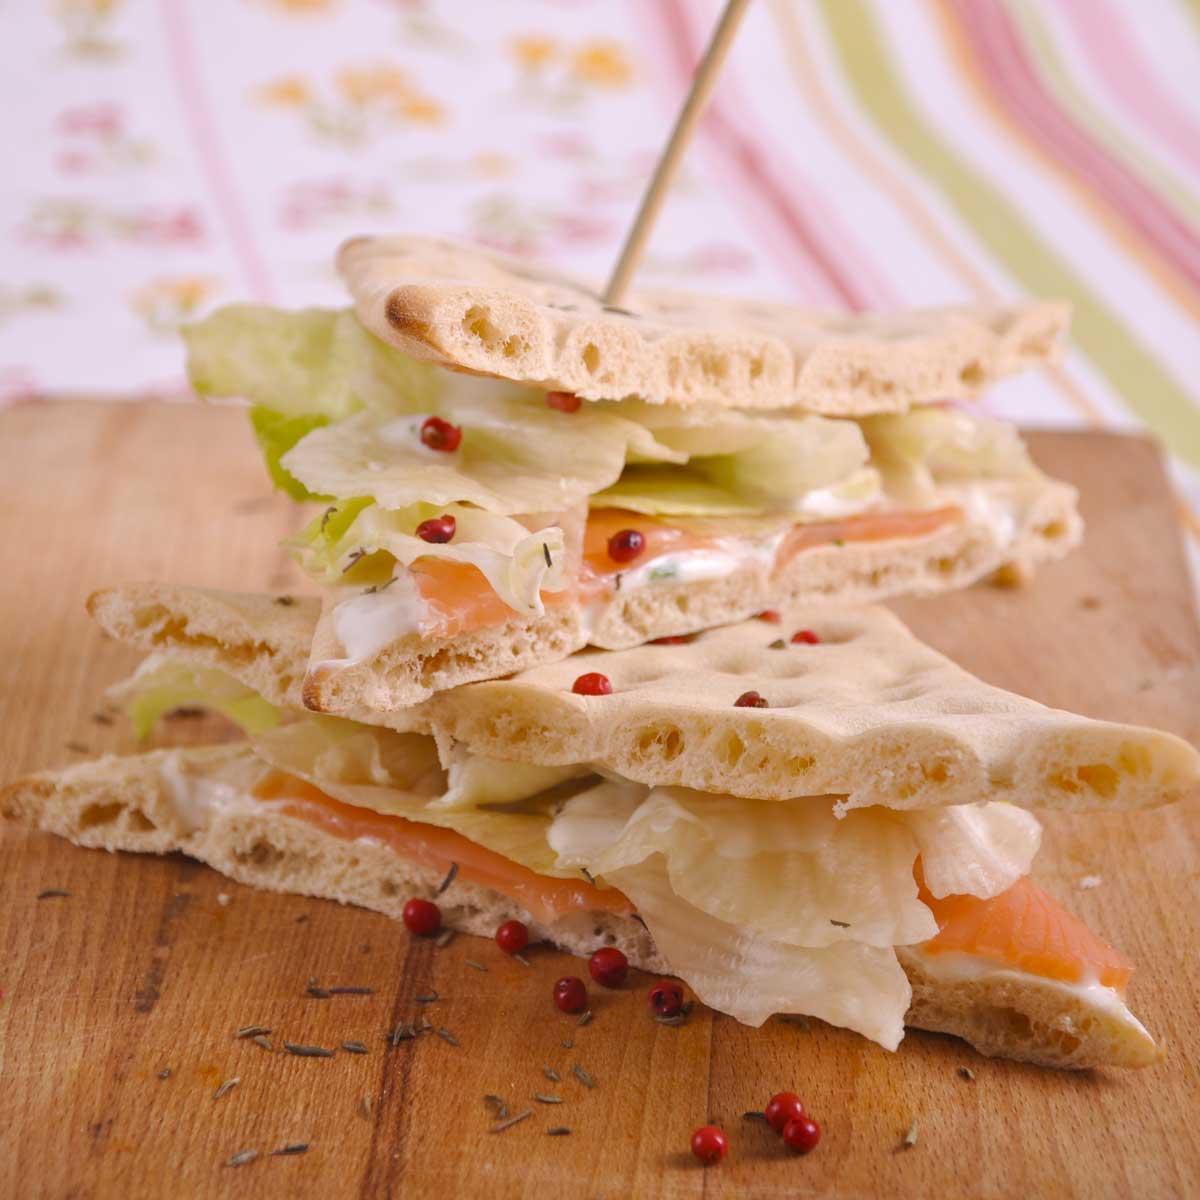 sandwich au saumon une recette entre amis cuisine le figaro madame. Black Bedroom Furniture Sets. Home Design Ideas